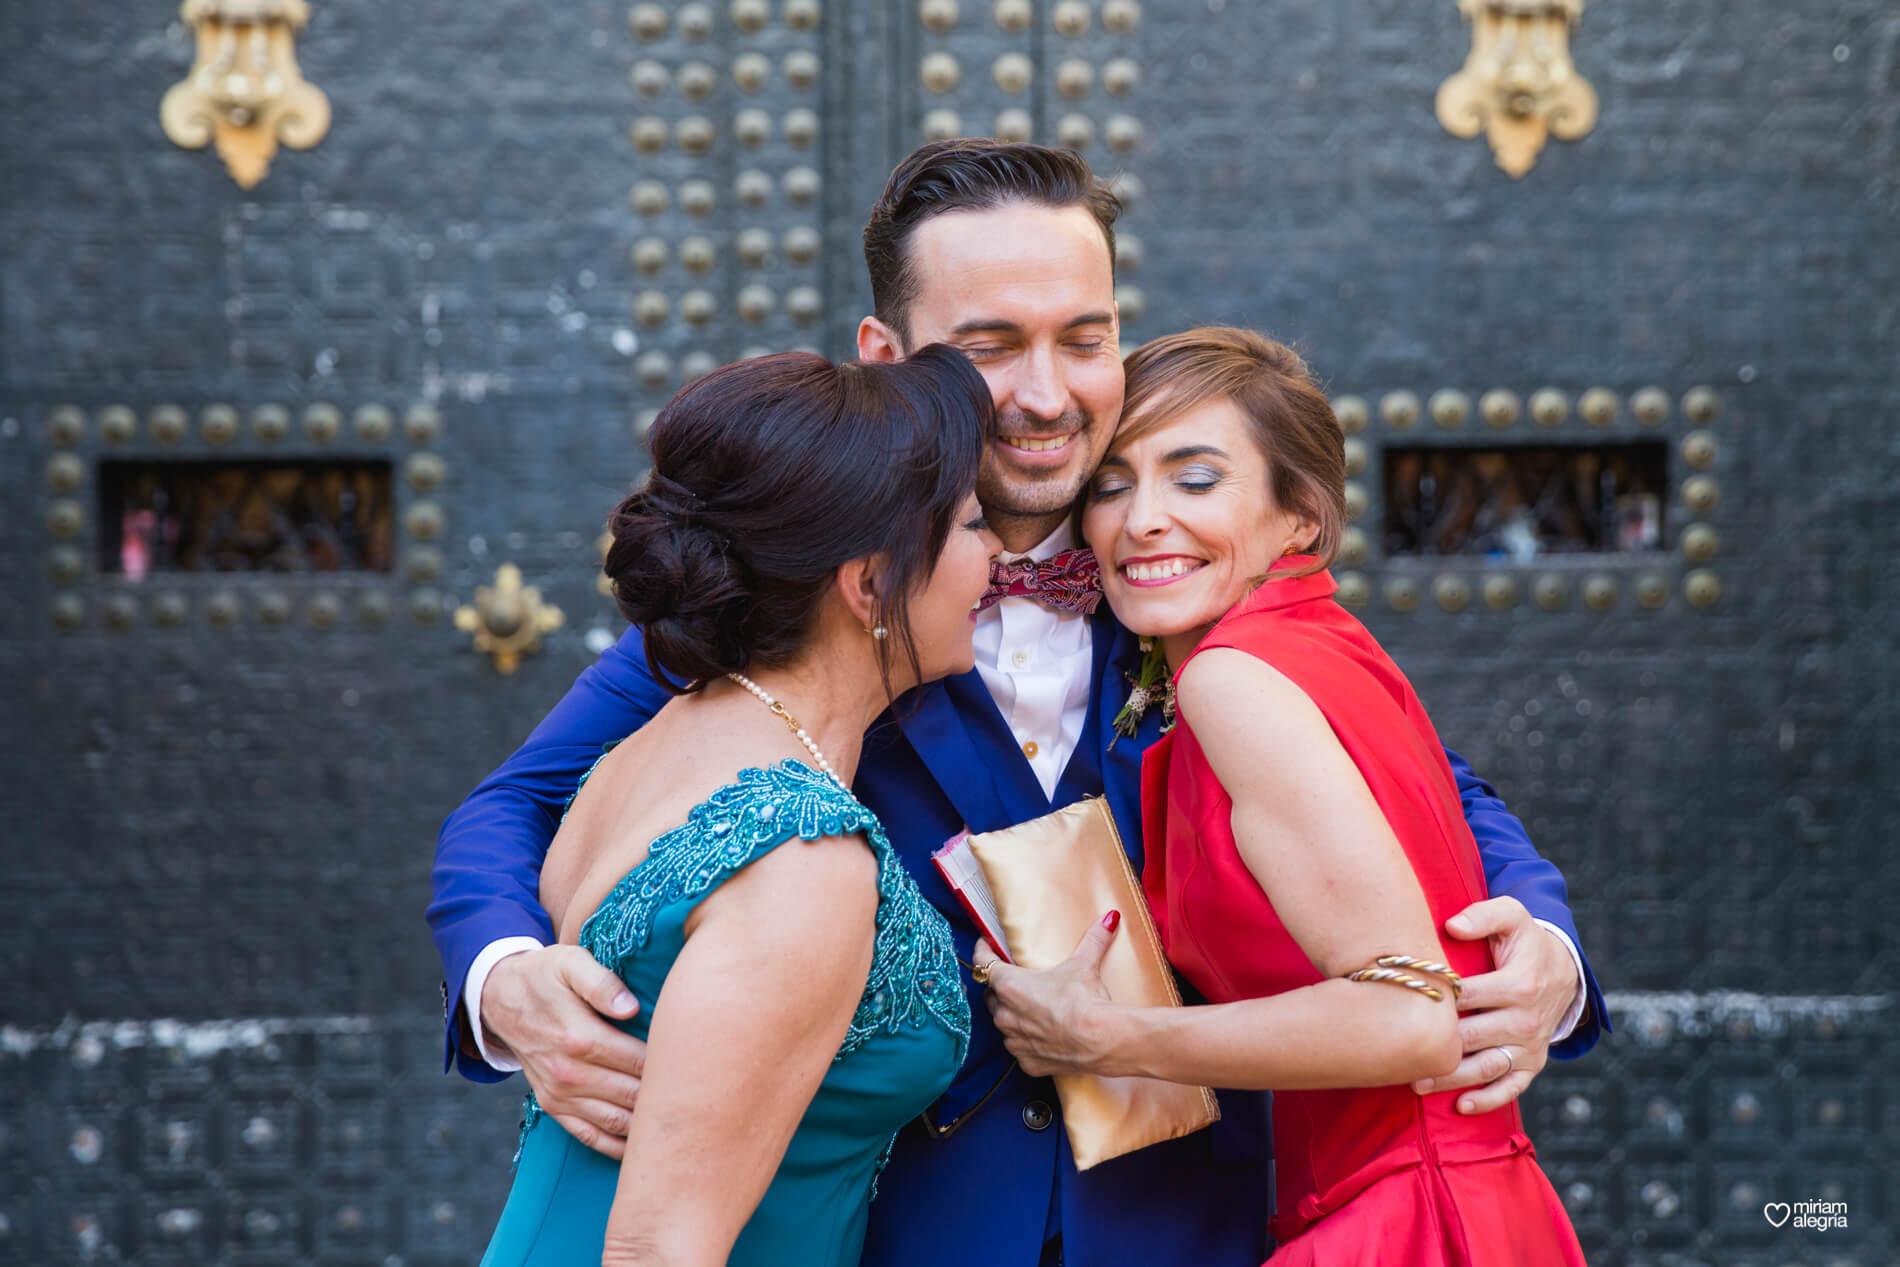 wedding-huerto-del-cura-elche-miriam-alegria-fotografos-boda-245